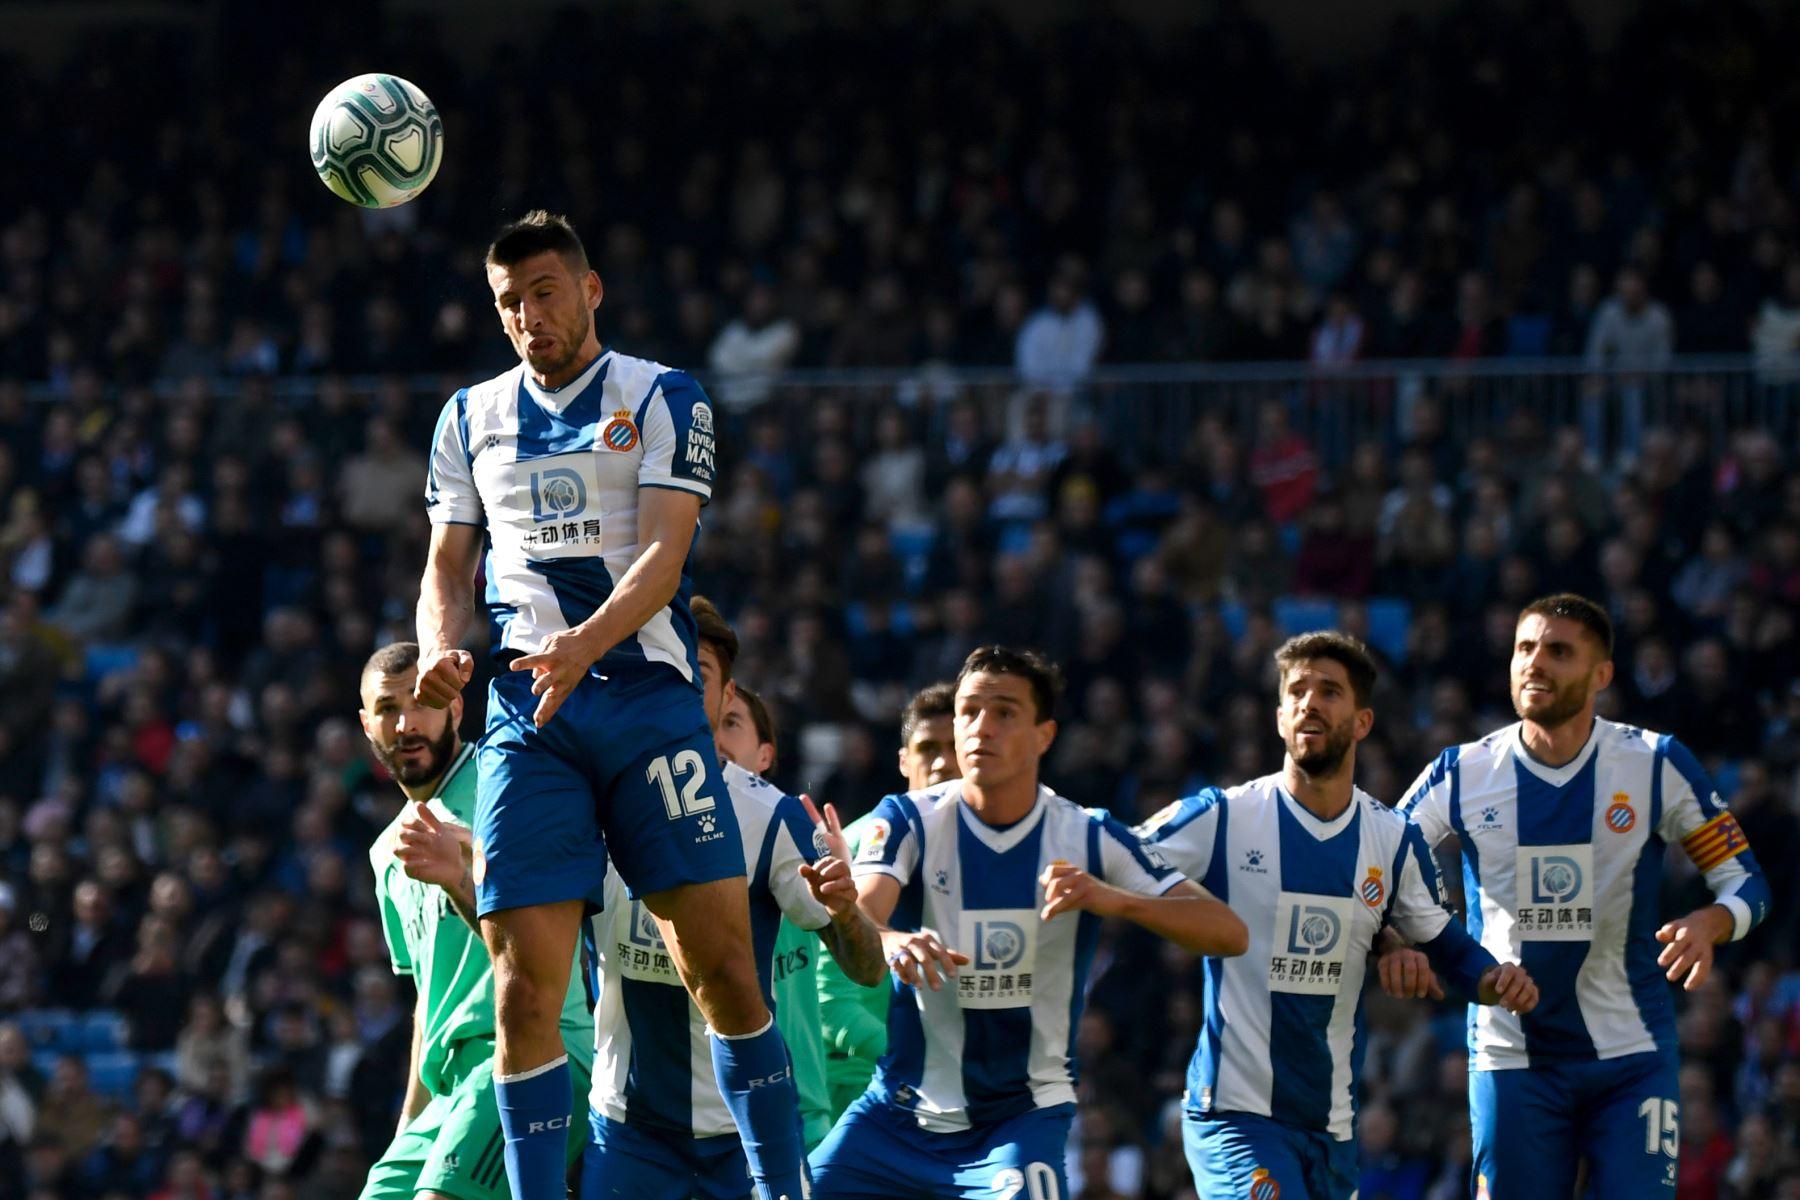 El delantero argentino del Espanyol Jonathan Calleri encabeza el balón durante el partido de fútbol de la Liga española entre el Real Real Madrid CF y el RCD Espanyol. Foto: AFP